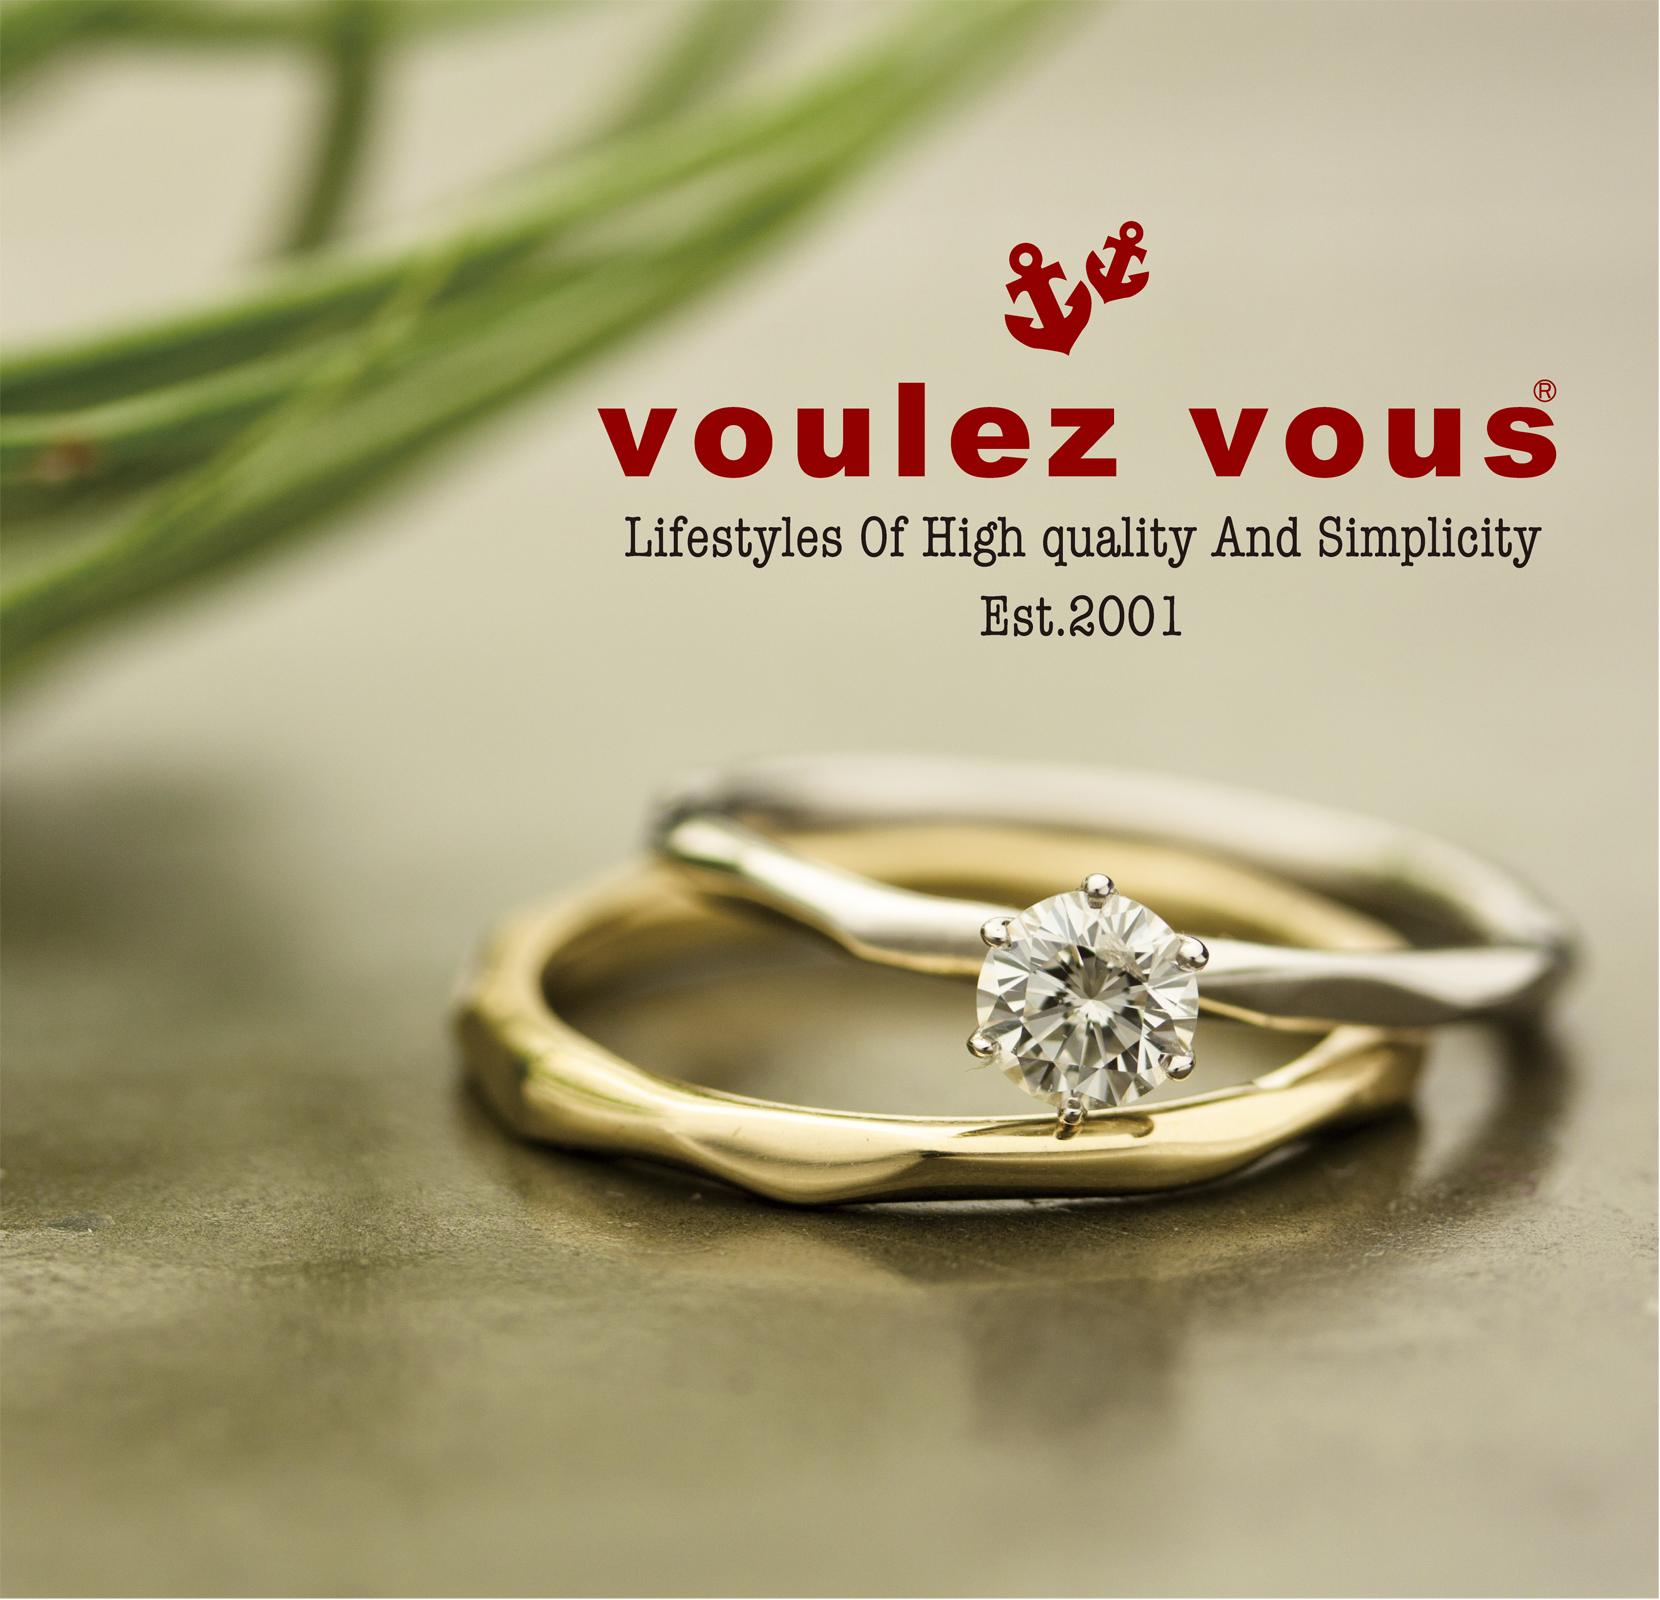 ジャンティールスタッフブログ「Voulez vous ブライダルフェアのお知らせ」